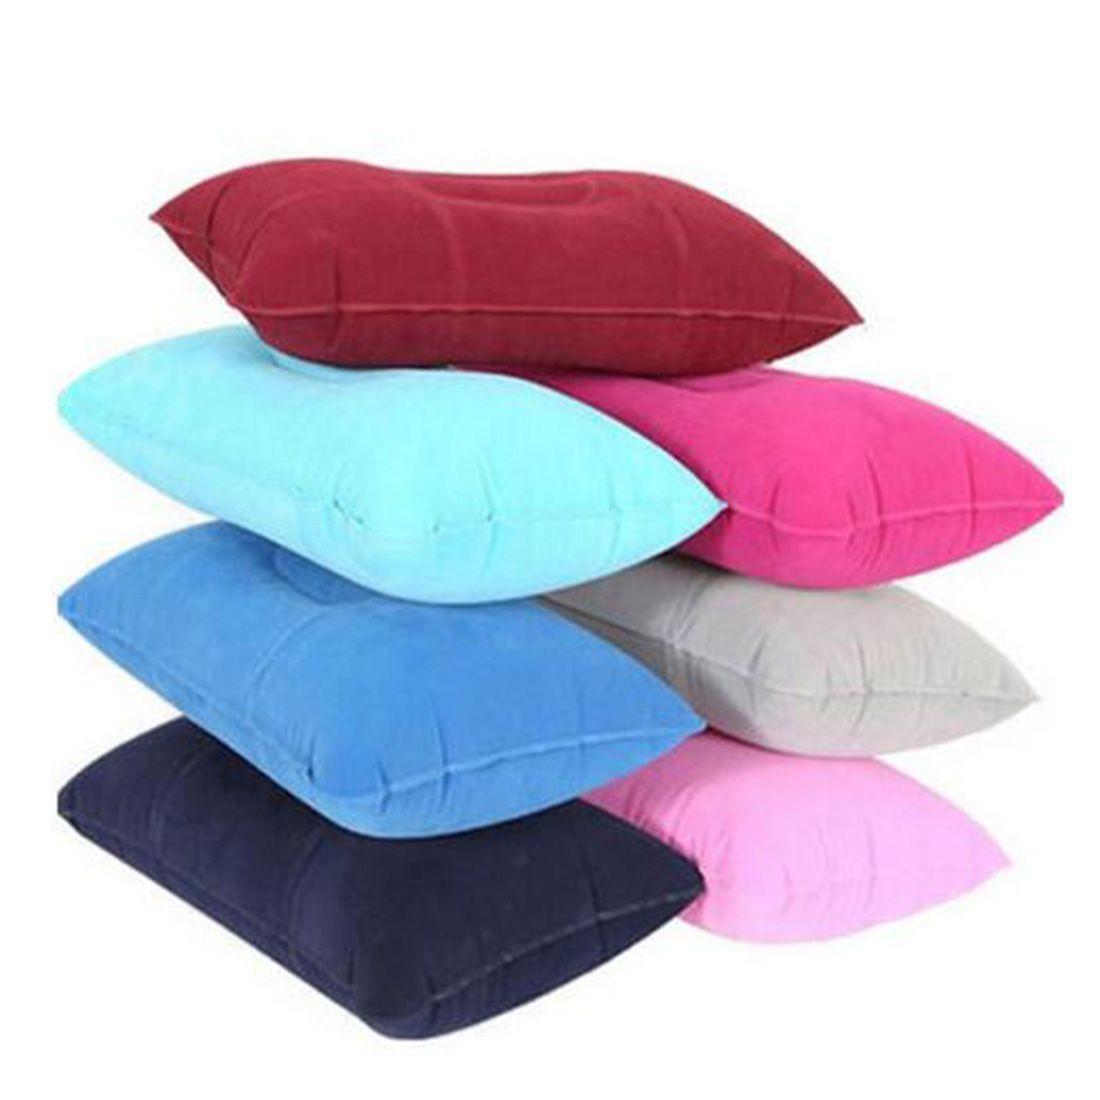 nouveau portable gonflable oreiller voyage coussin d 39 air beach camp voiture avion head rest bed. Black Bedroom Furniture Sets. Home Design Ideas